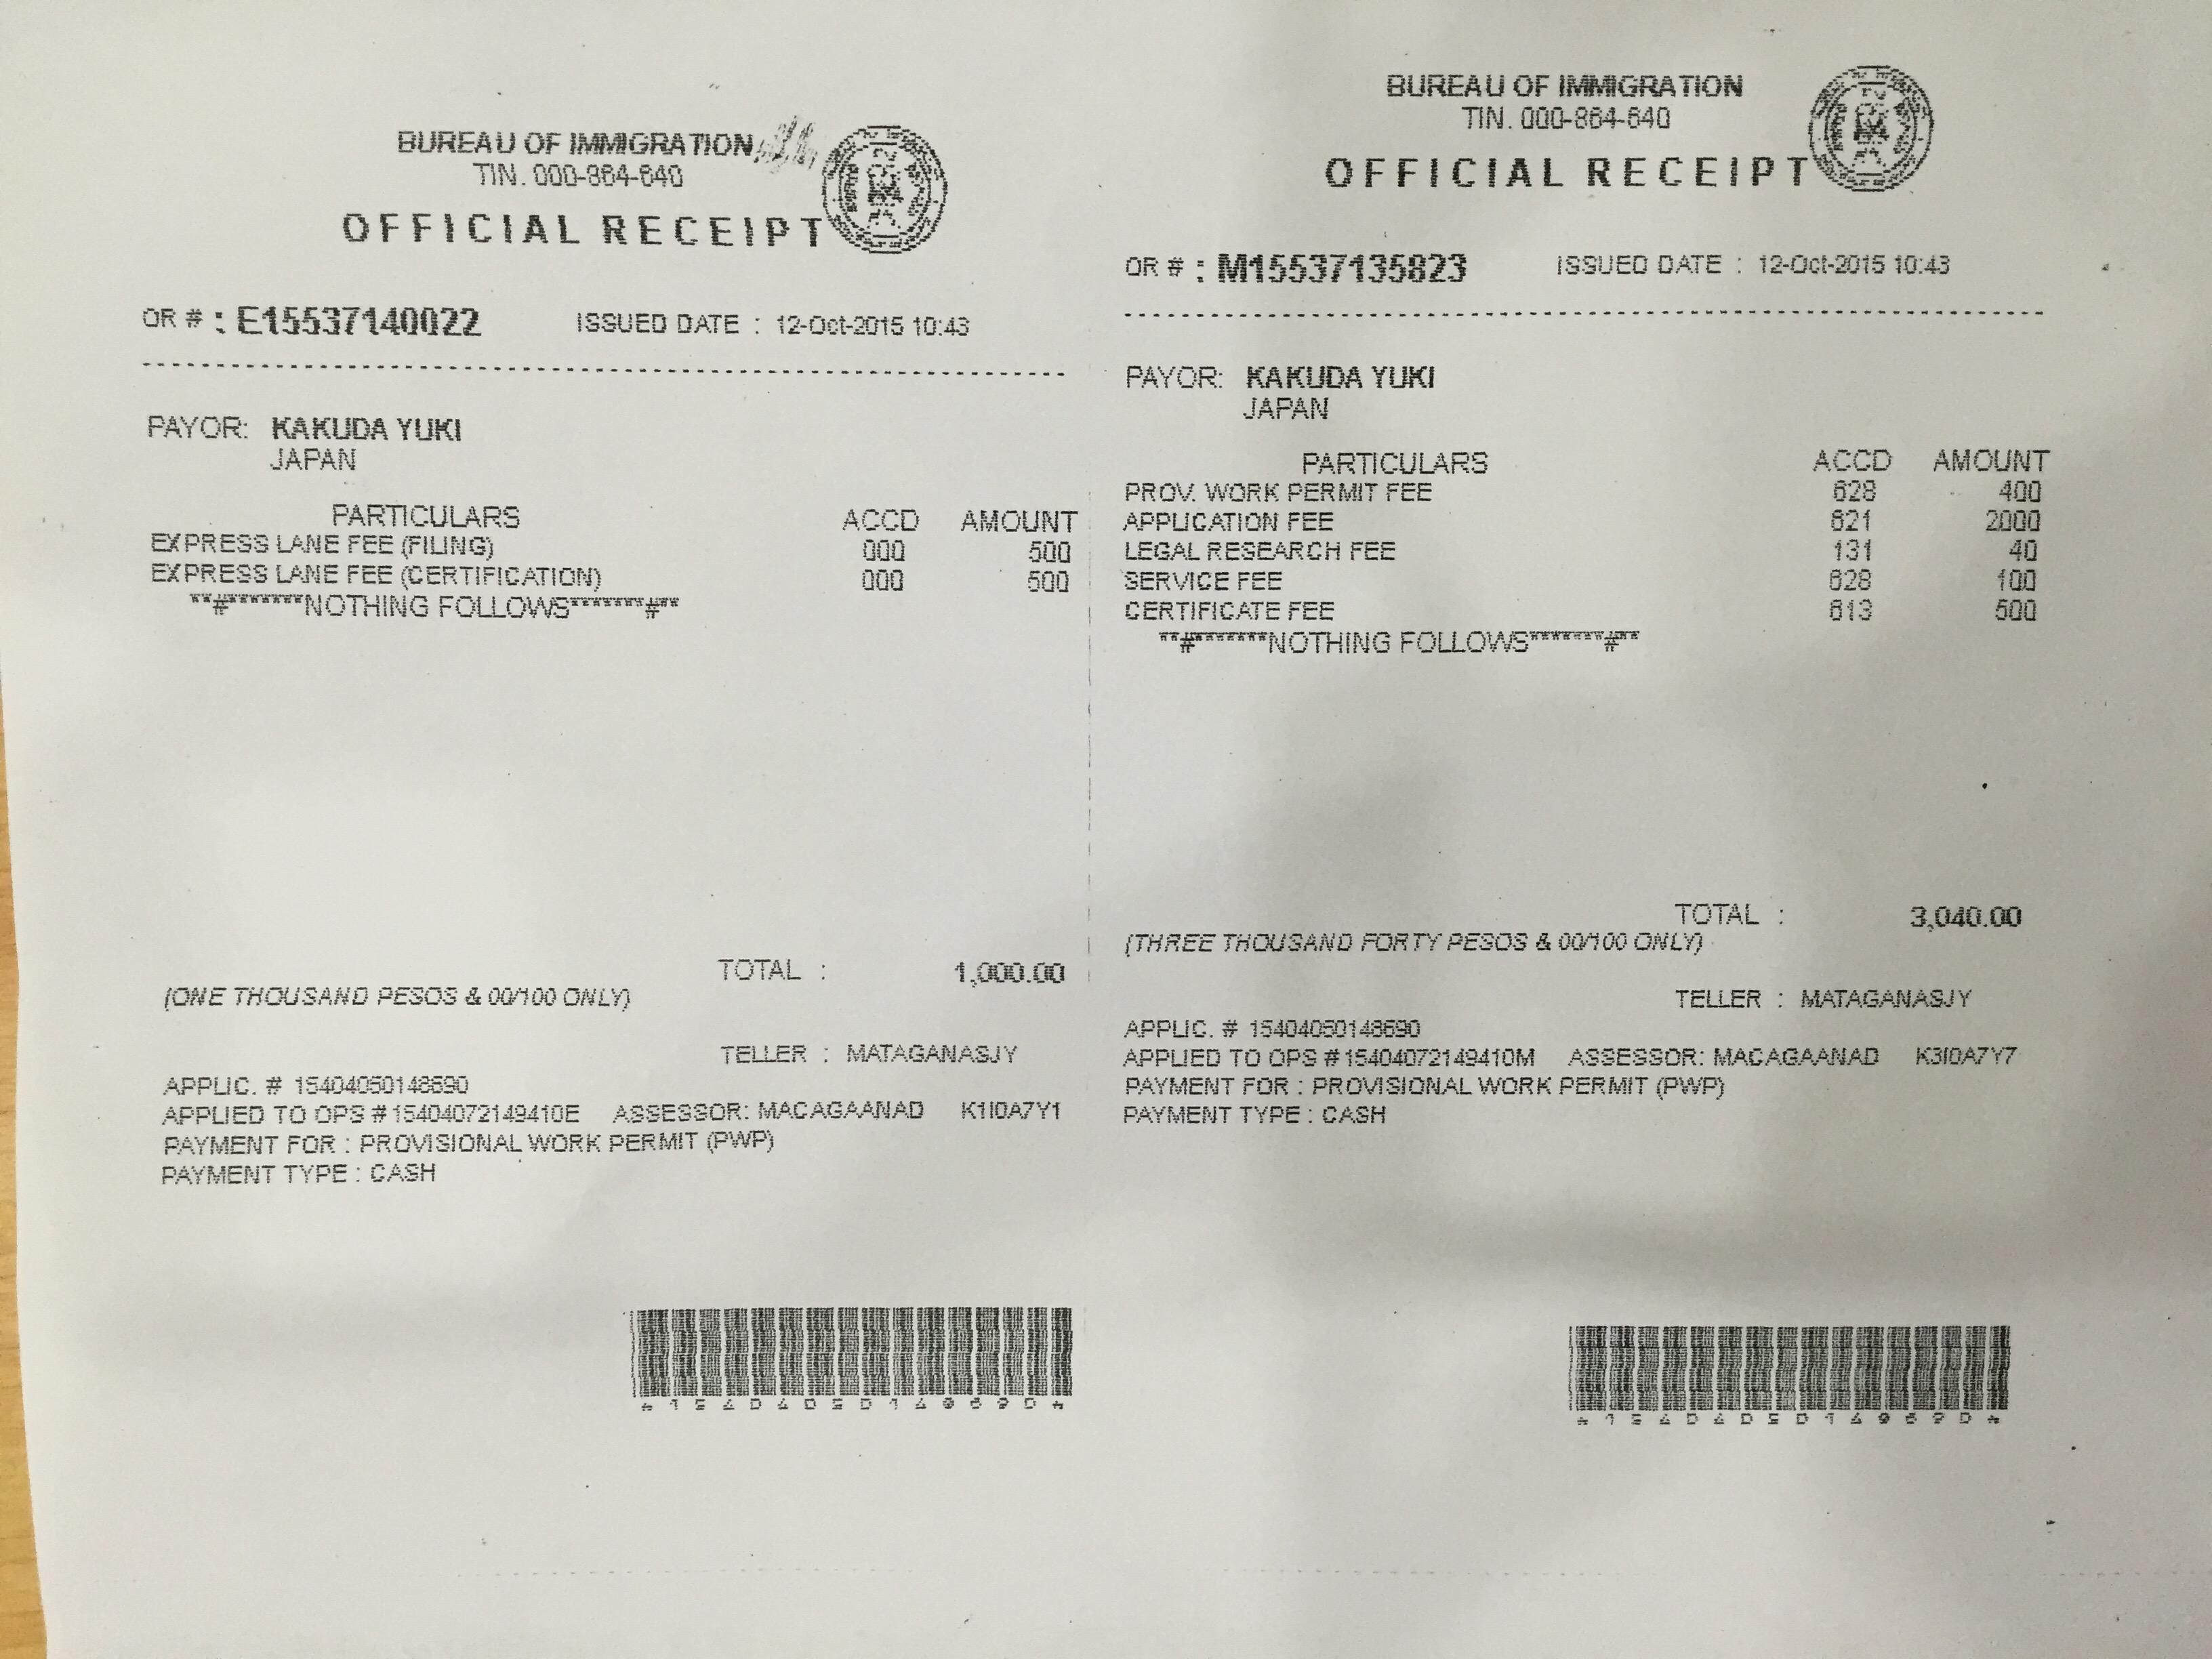 海外移住のジャパン支援センターフィリピン-仮労働許可書画像